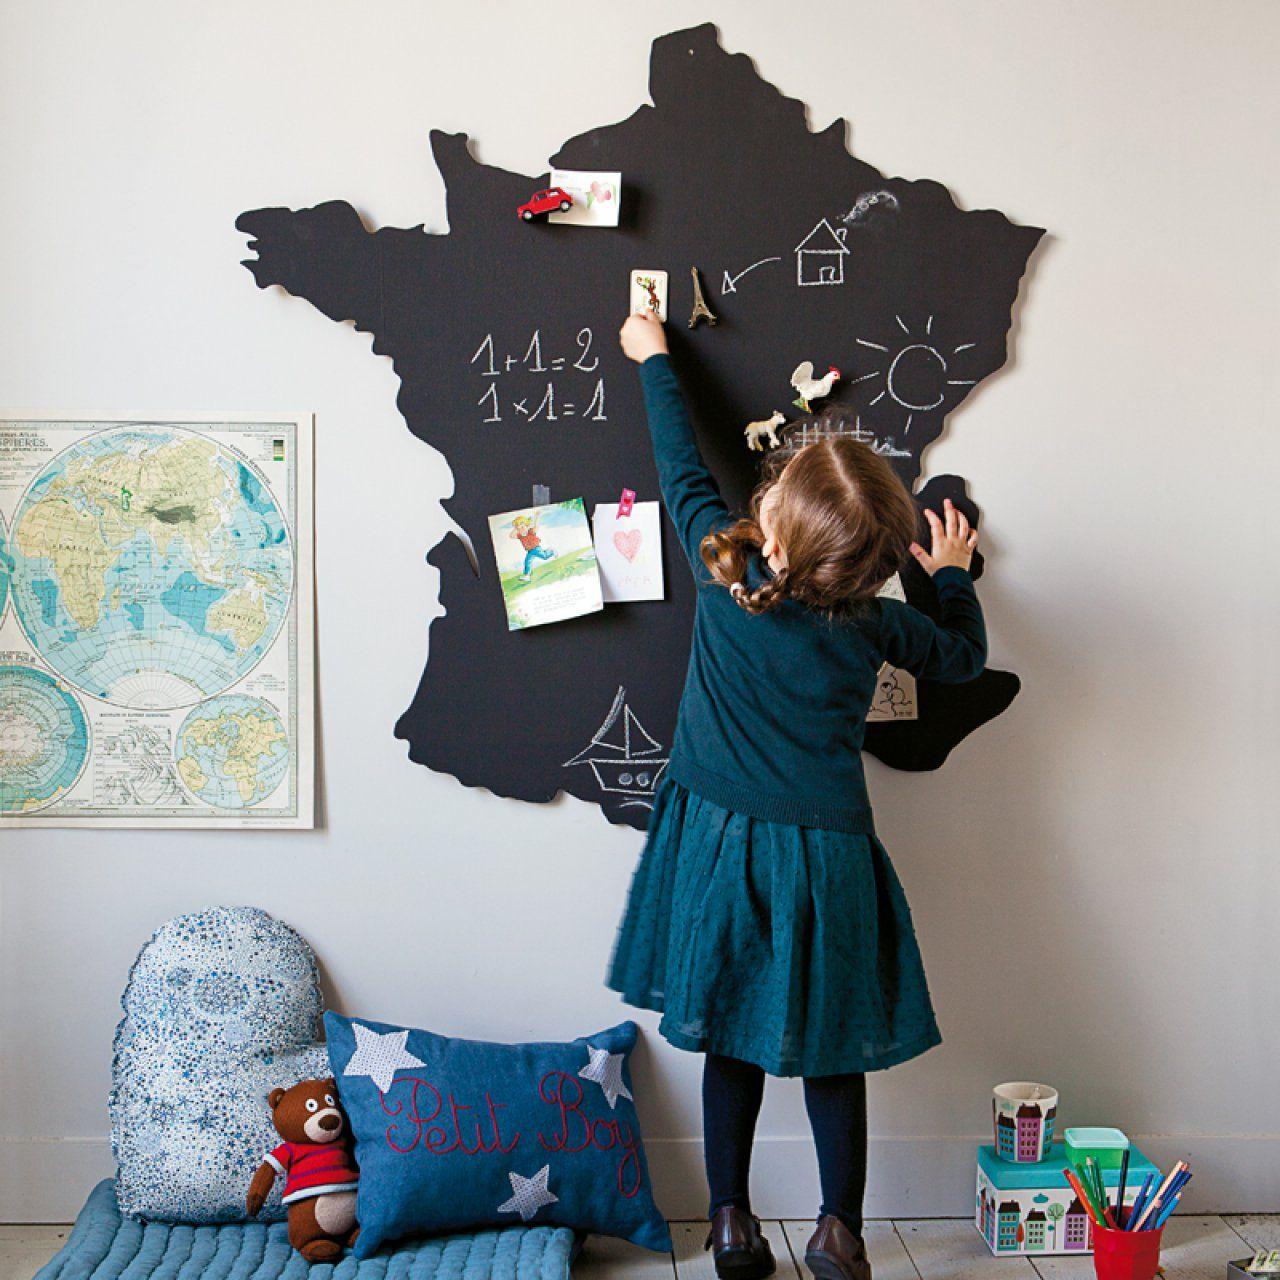 d co ludique une carte g ographique en ardoise education pinterest enfant deco et ardoise. Black Bedroom Furniture Sets. Home Design Ideas